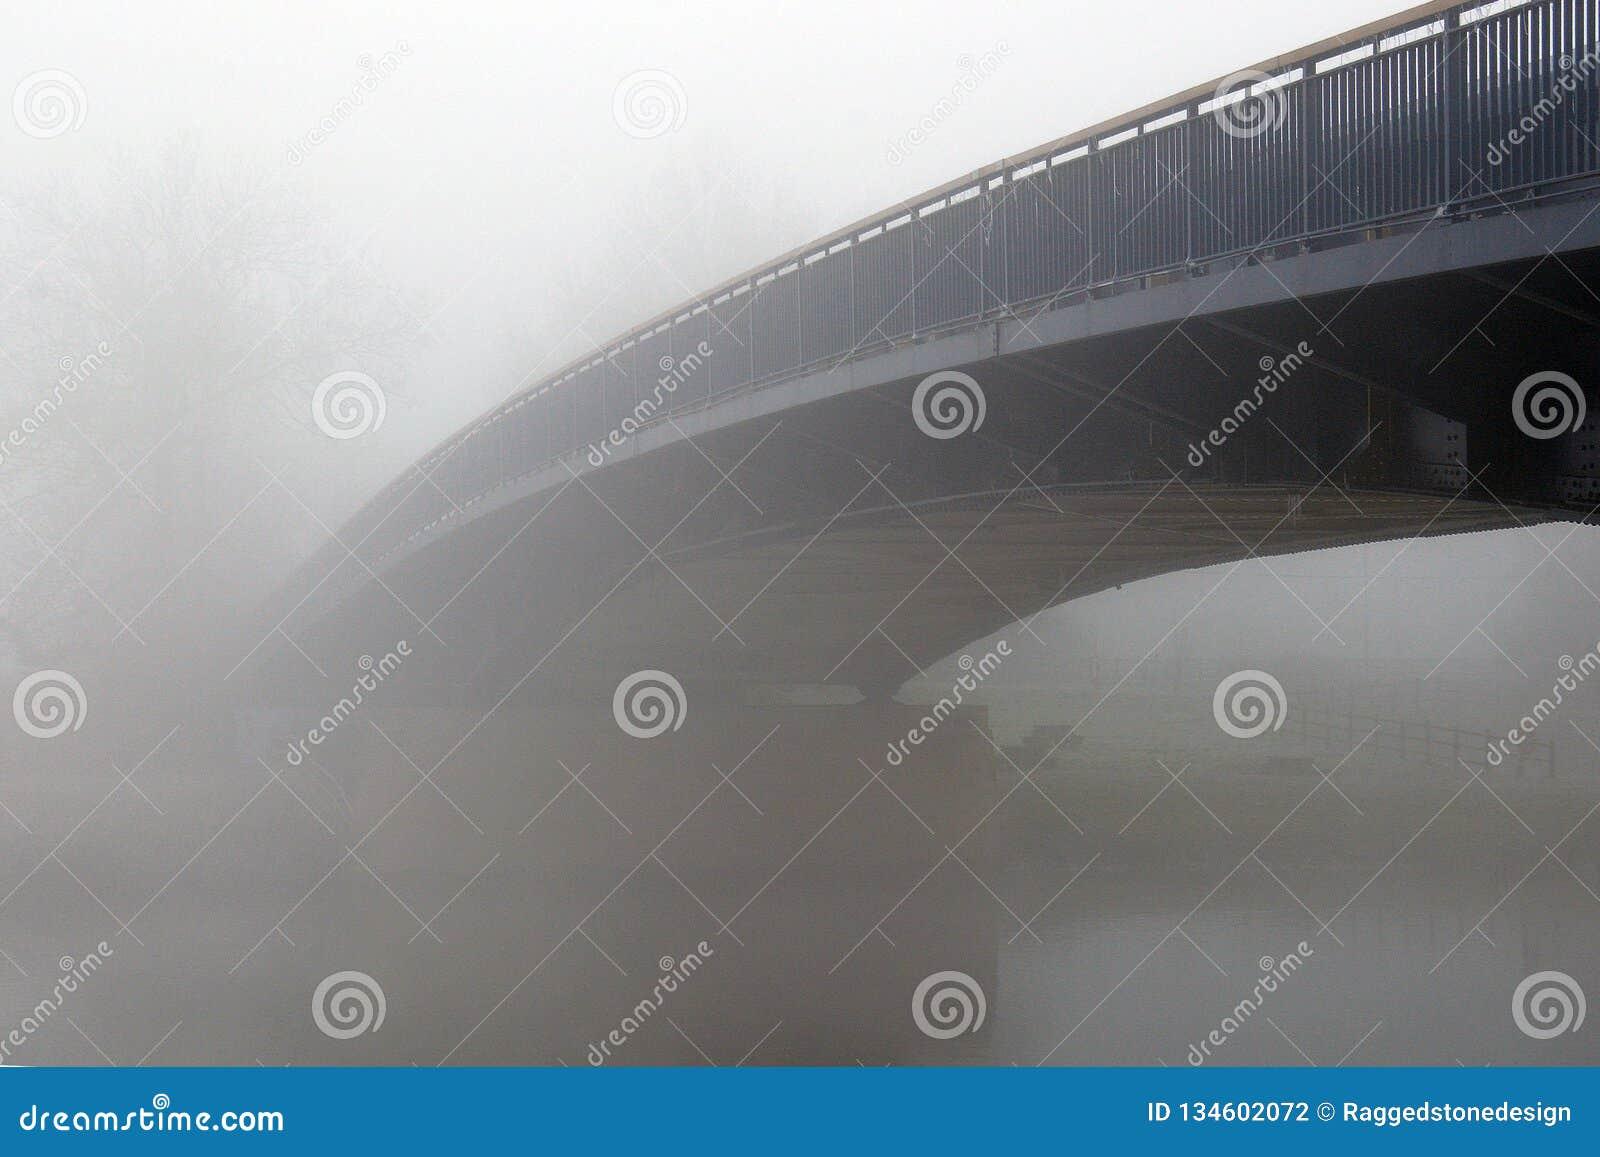 Un puente sobre un río, desapareciendo en la niebla en un día de inviernos frío Upton Upon Severn, Worcestershire, Reino Unido